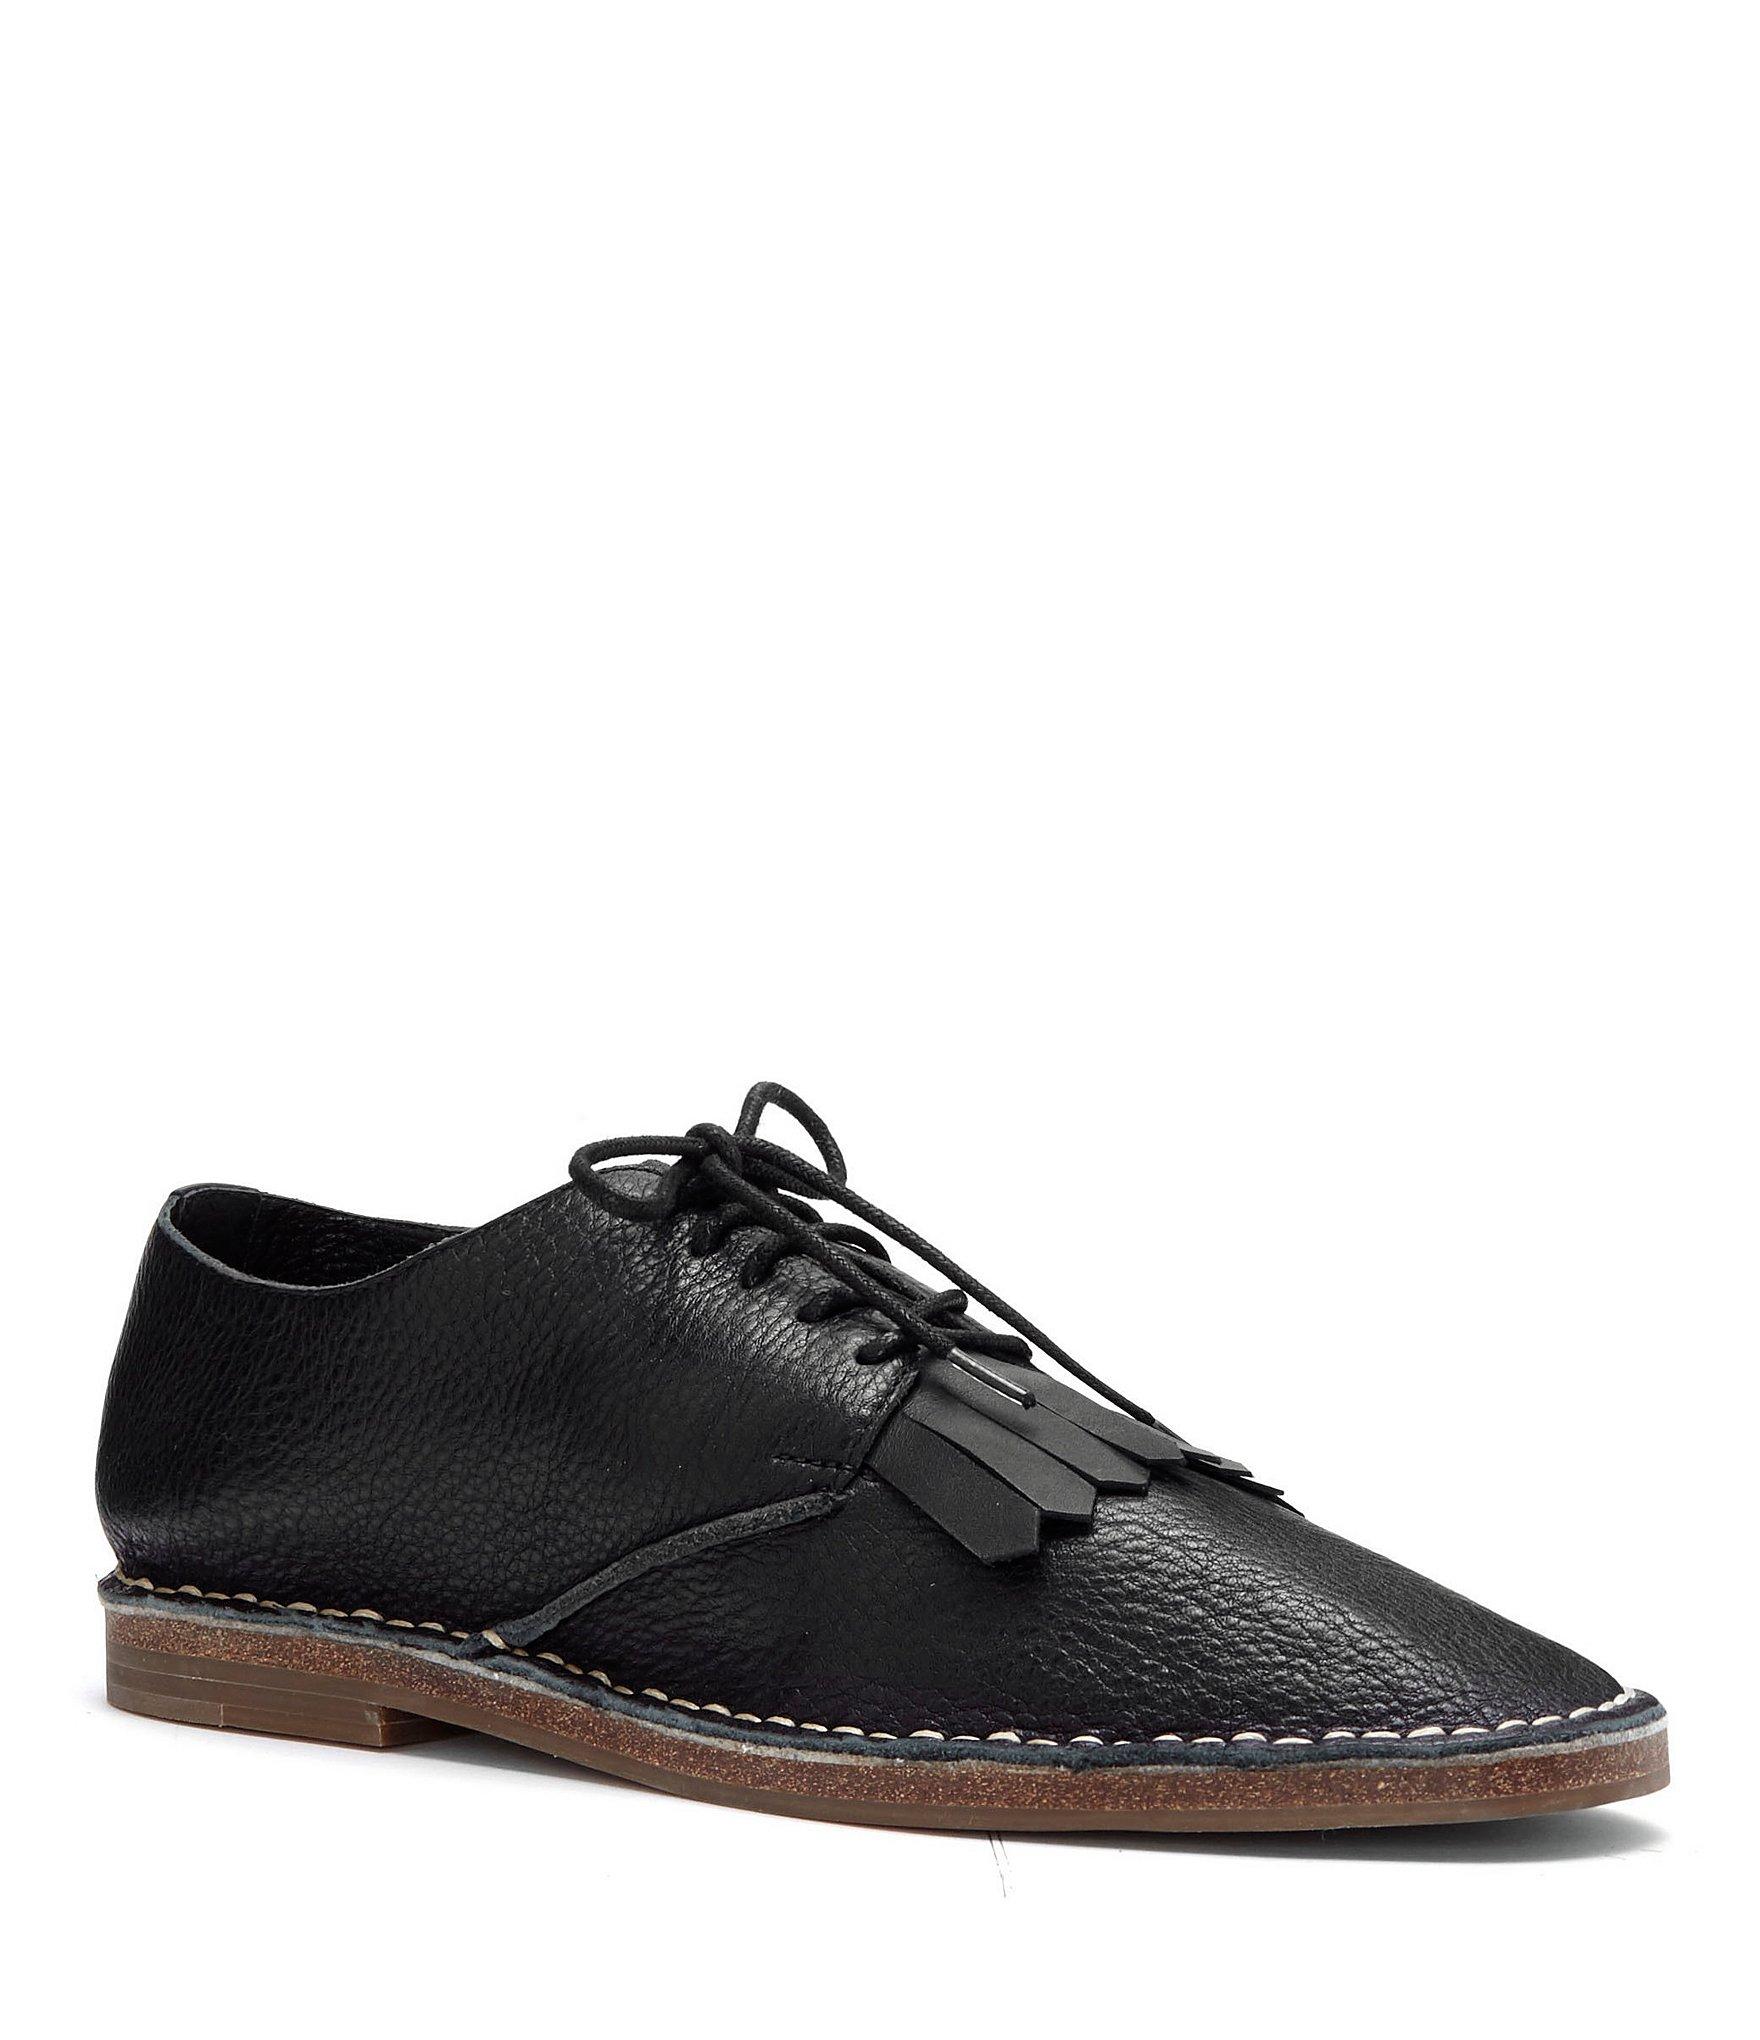 Ellen Degeneres Shoes Size